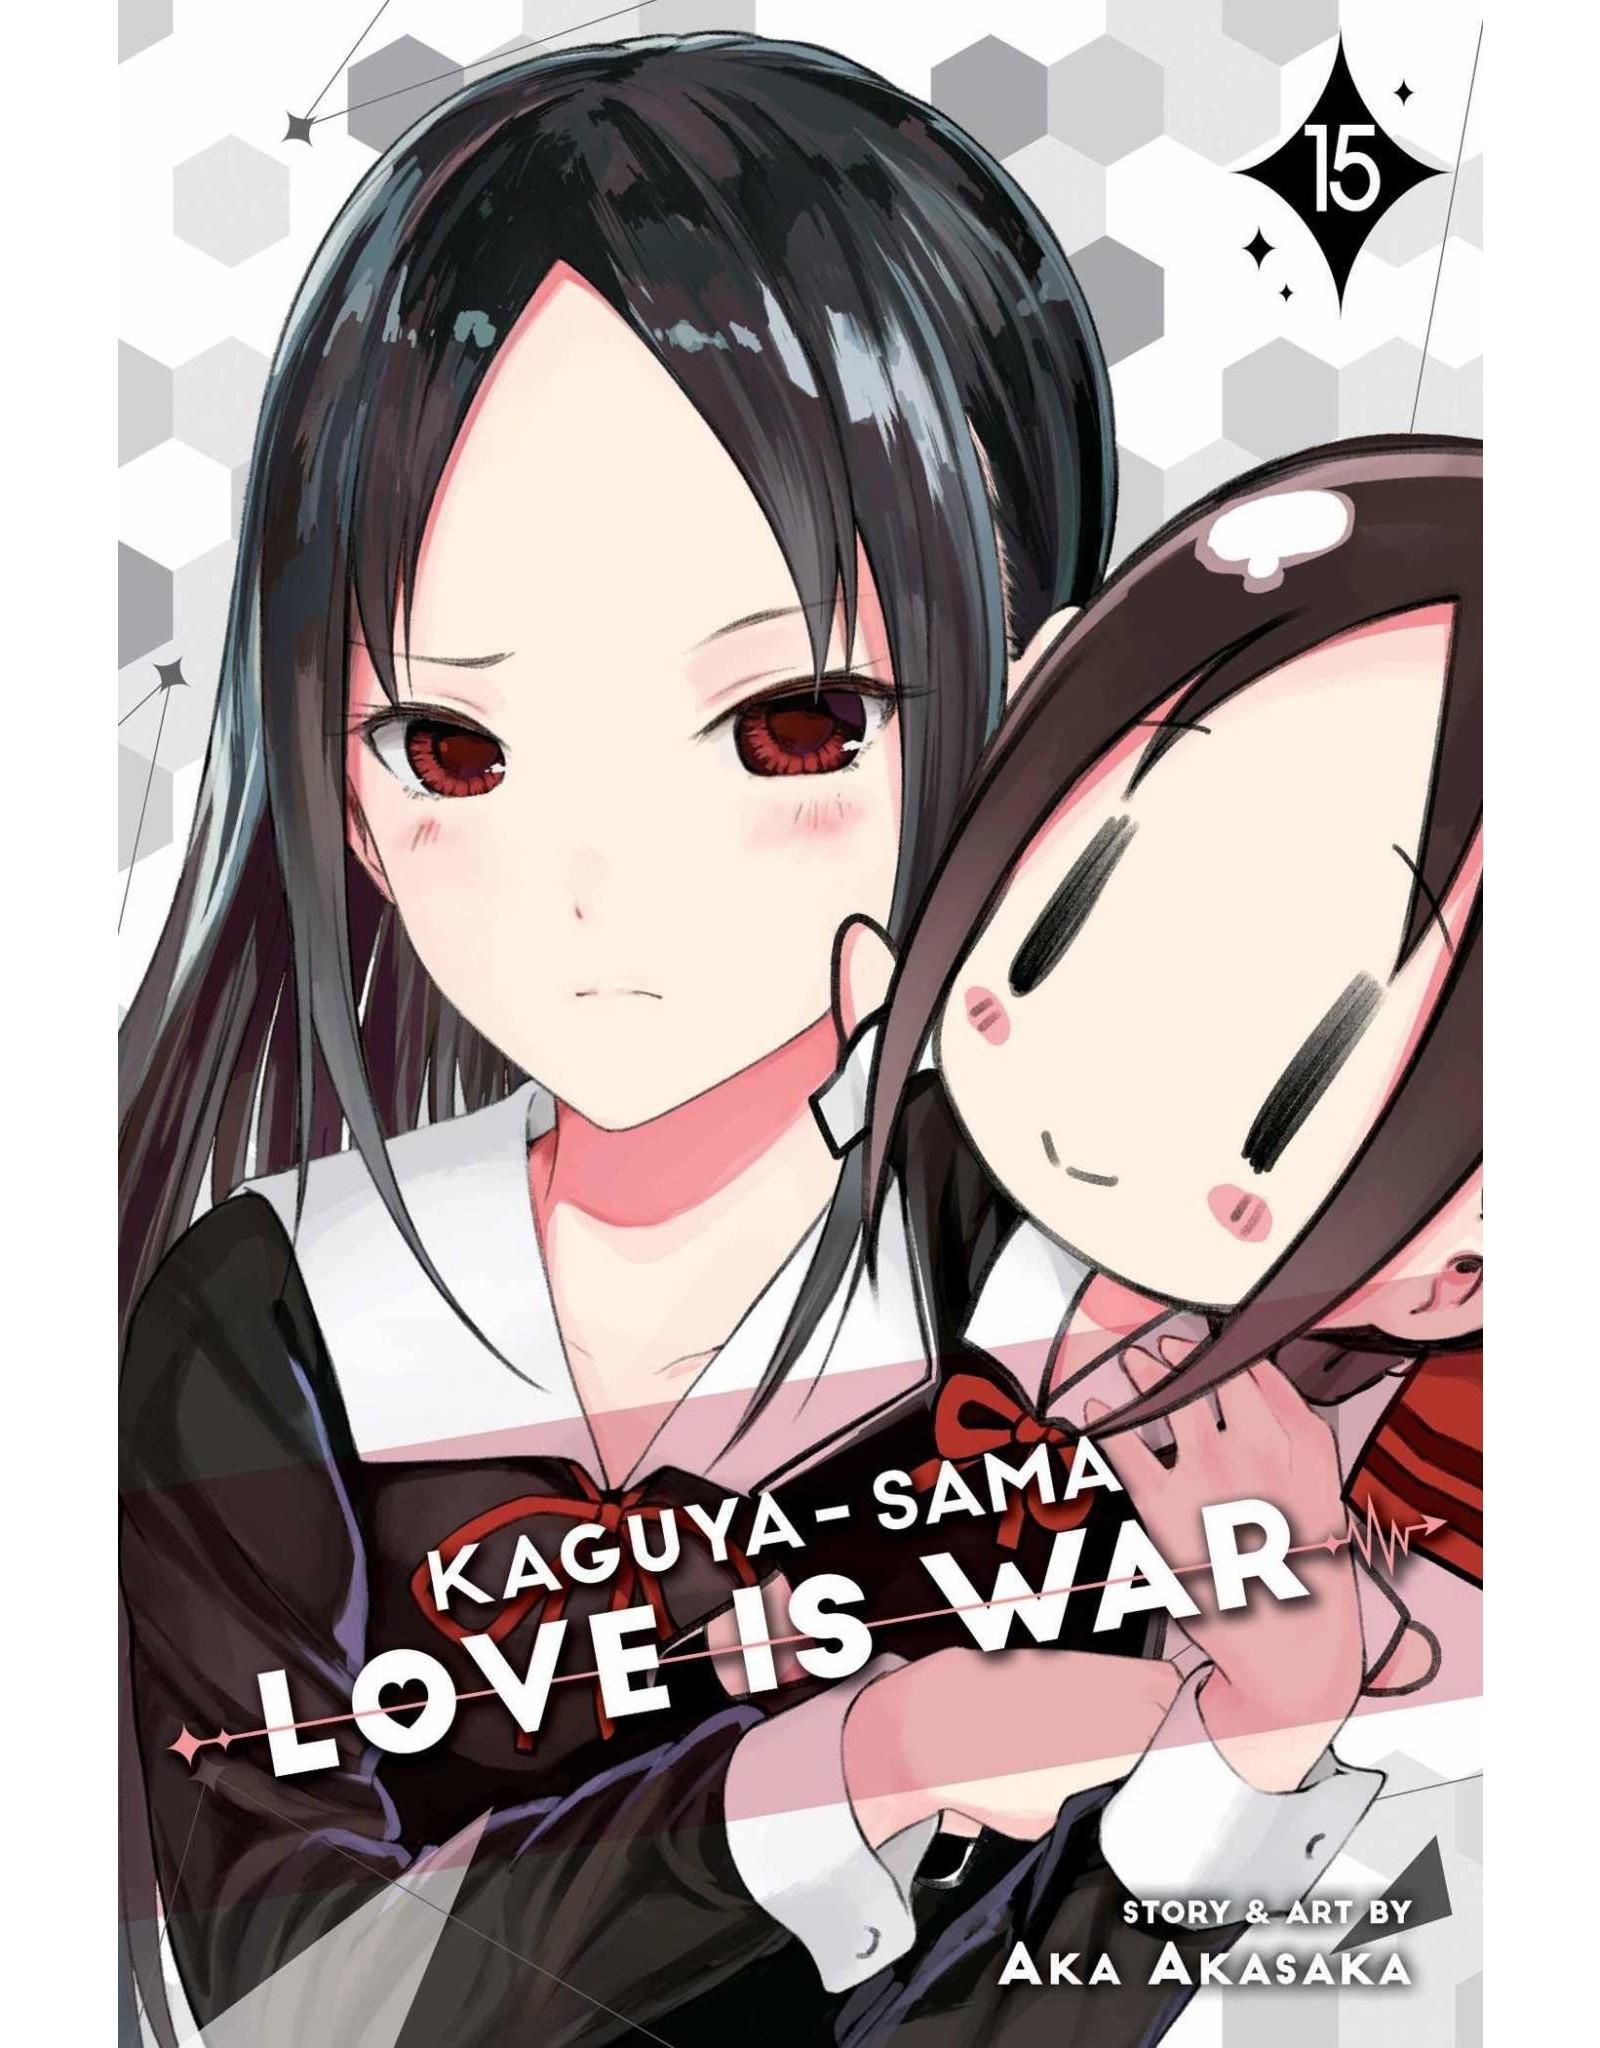 Kaguya-Sama: Love is War 15 (English version)